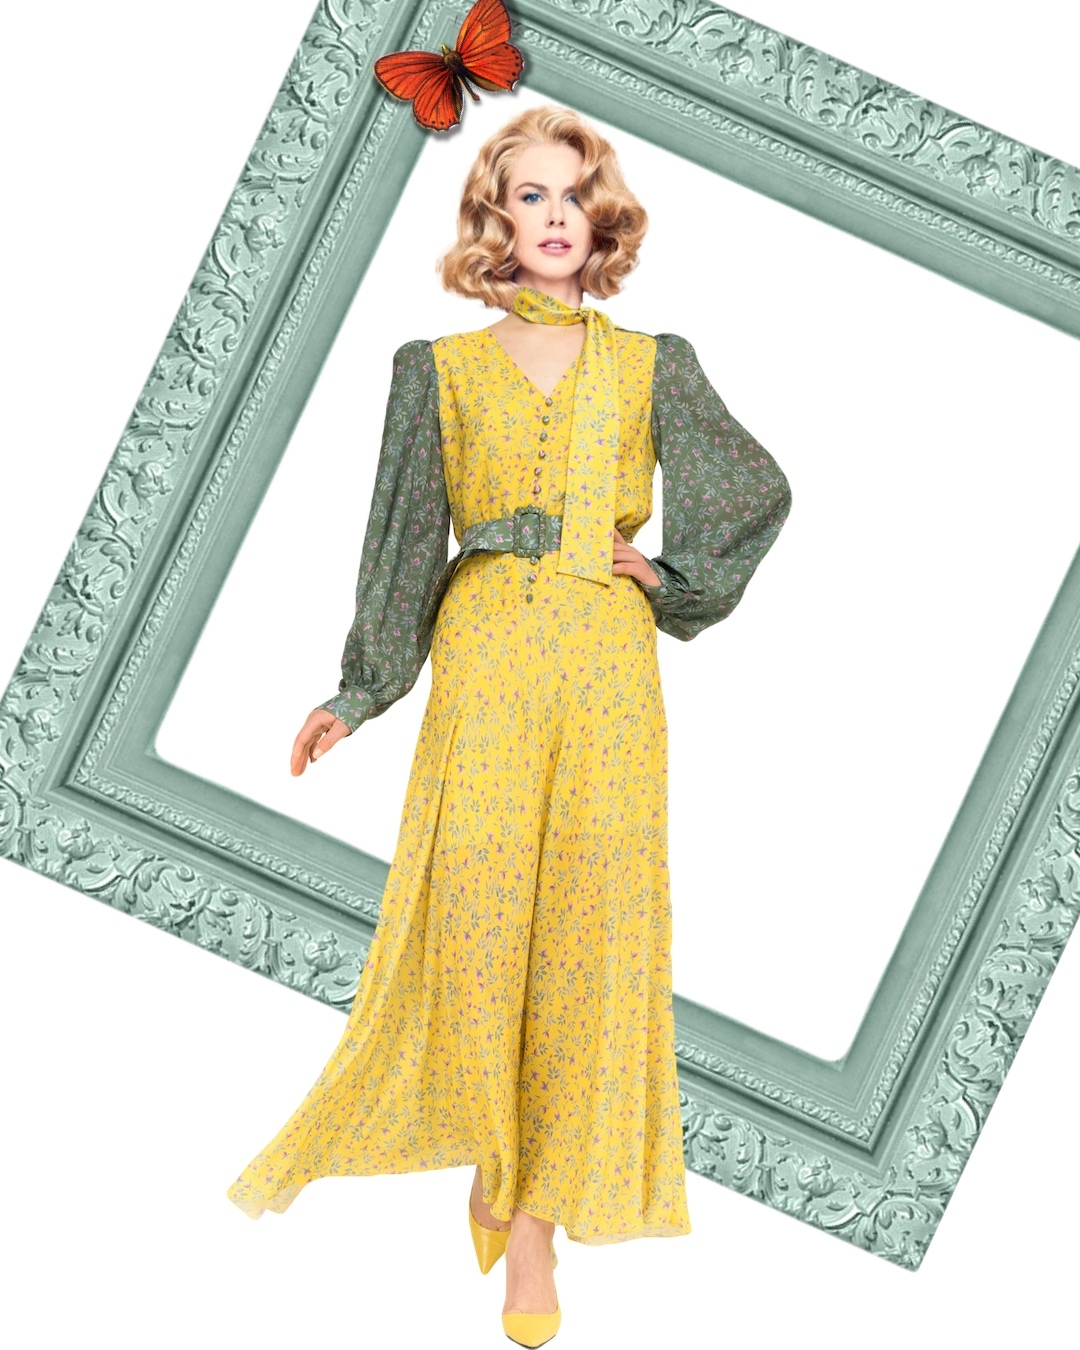 Звездный флешмоб: дизайнер Дарья Донец в шутку примерила свои наряды на мировых знаменитостях (ФОТО) - фото №3